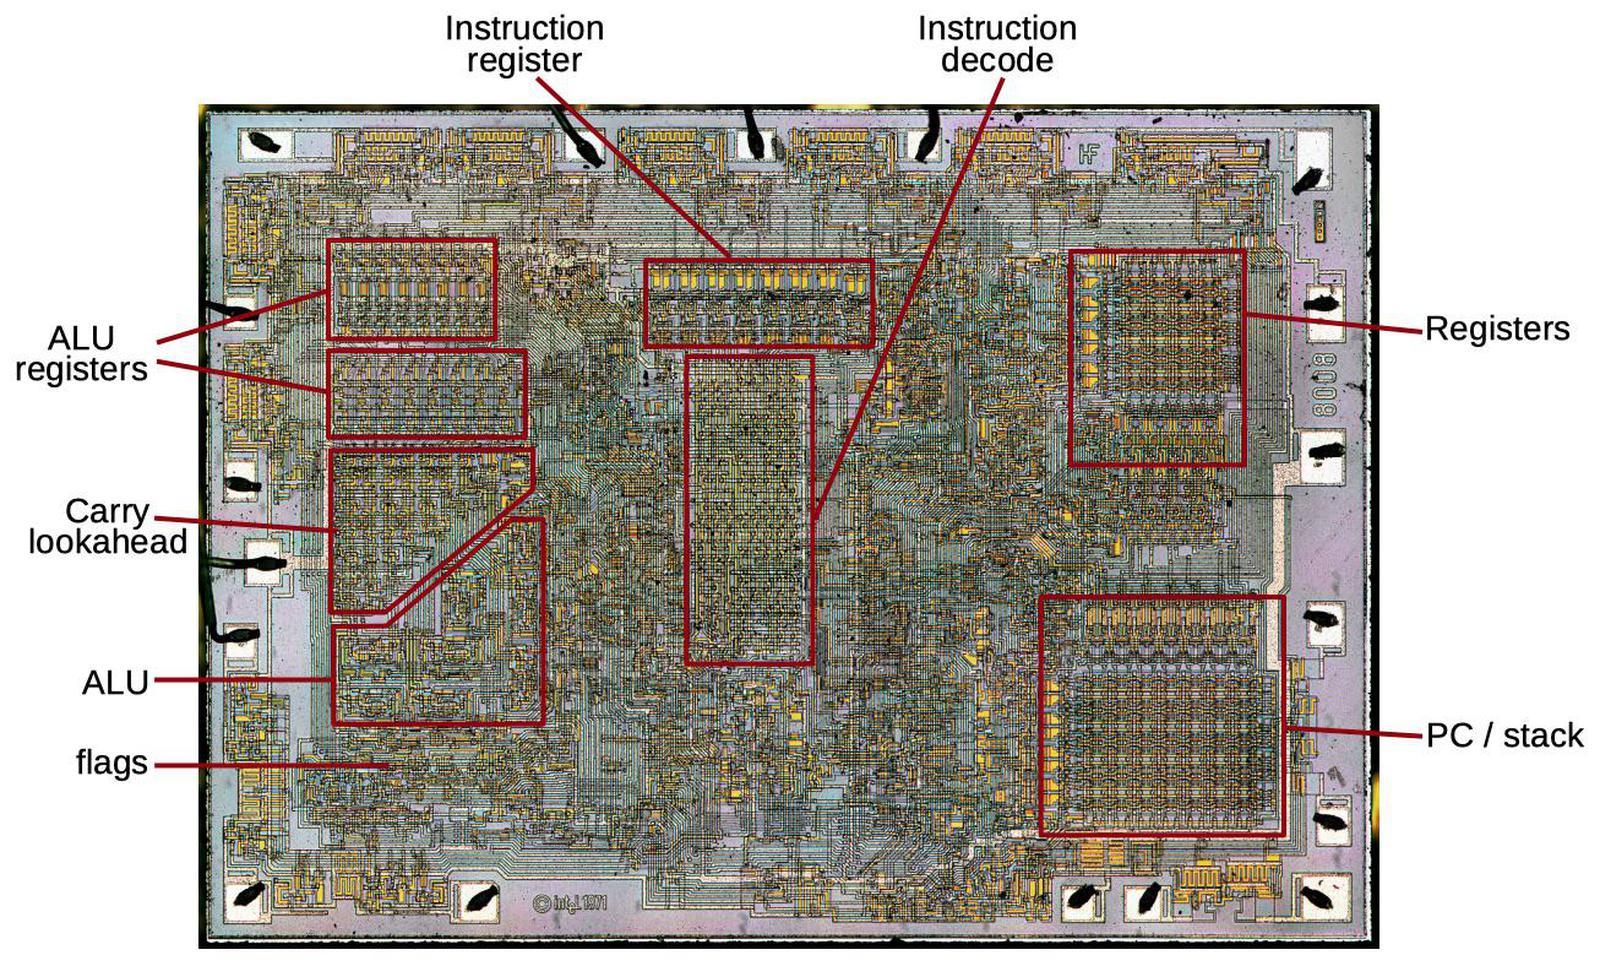 Перевод Инженерный анализ схемы ускоренного переноса процессора Intel 8008